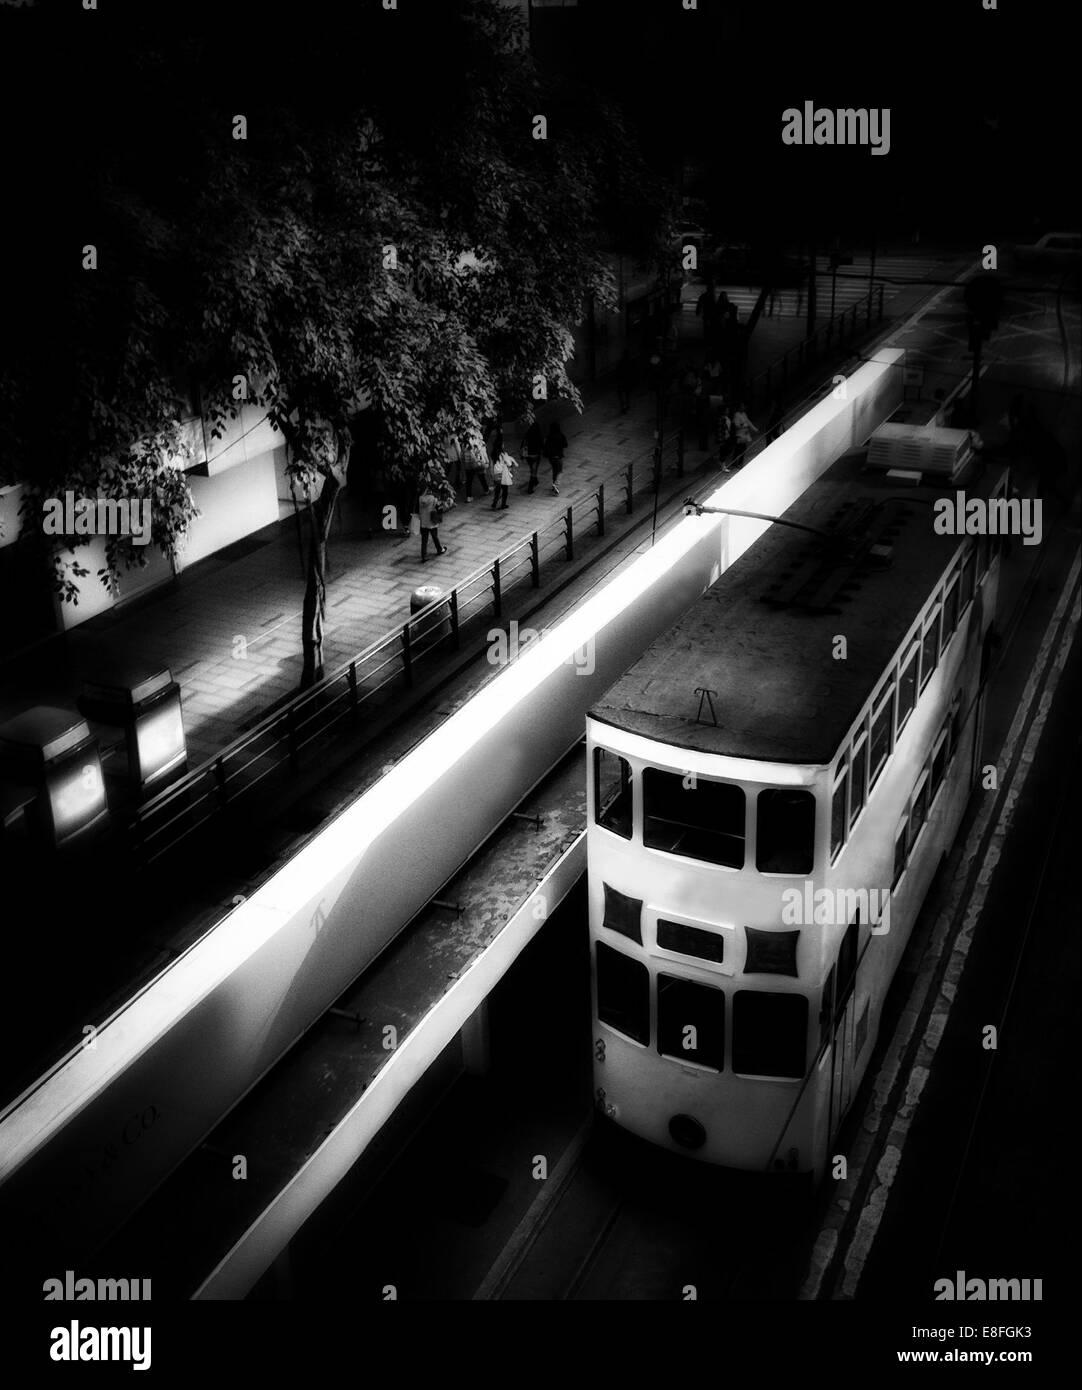 Tram driving through city at night, Hong Kong, China - Stock Image